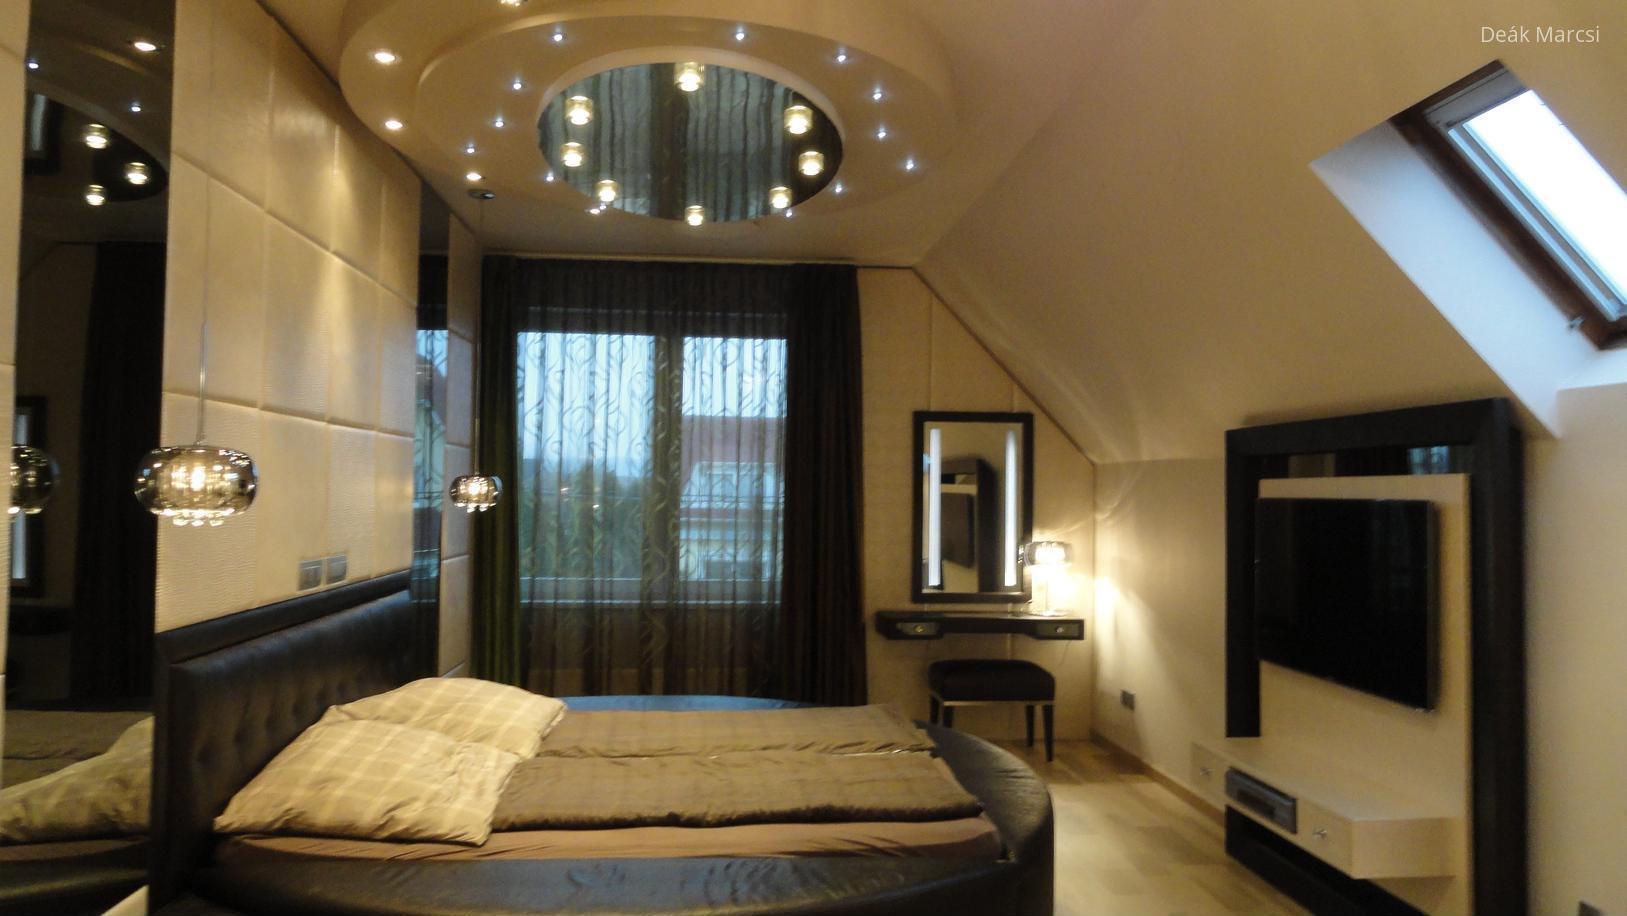 Tetőtéri hálószoba - Modern hálószoba kerek álmennyezettel, luxus hatású részletekkel ...